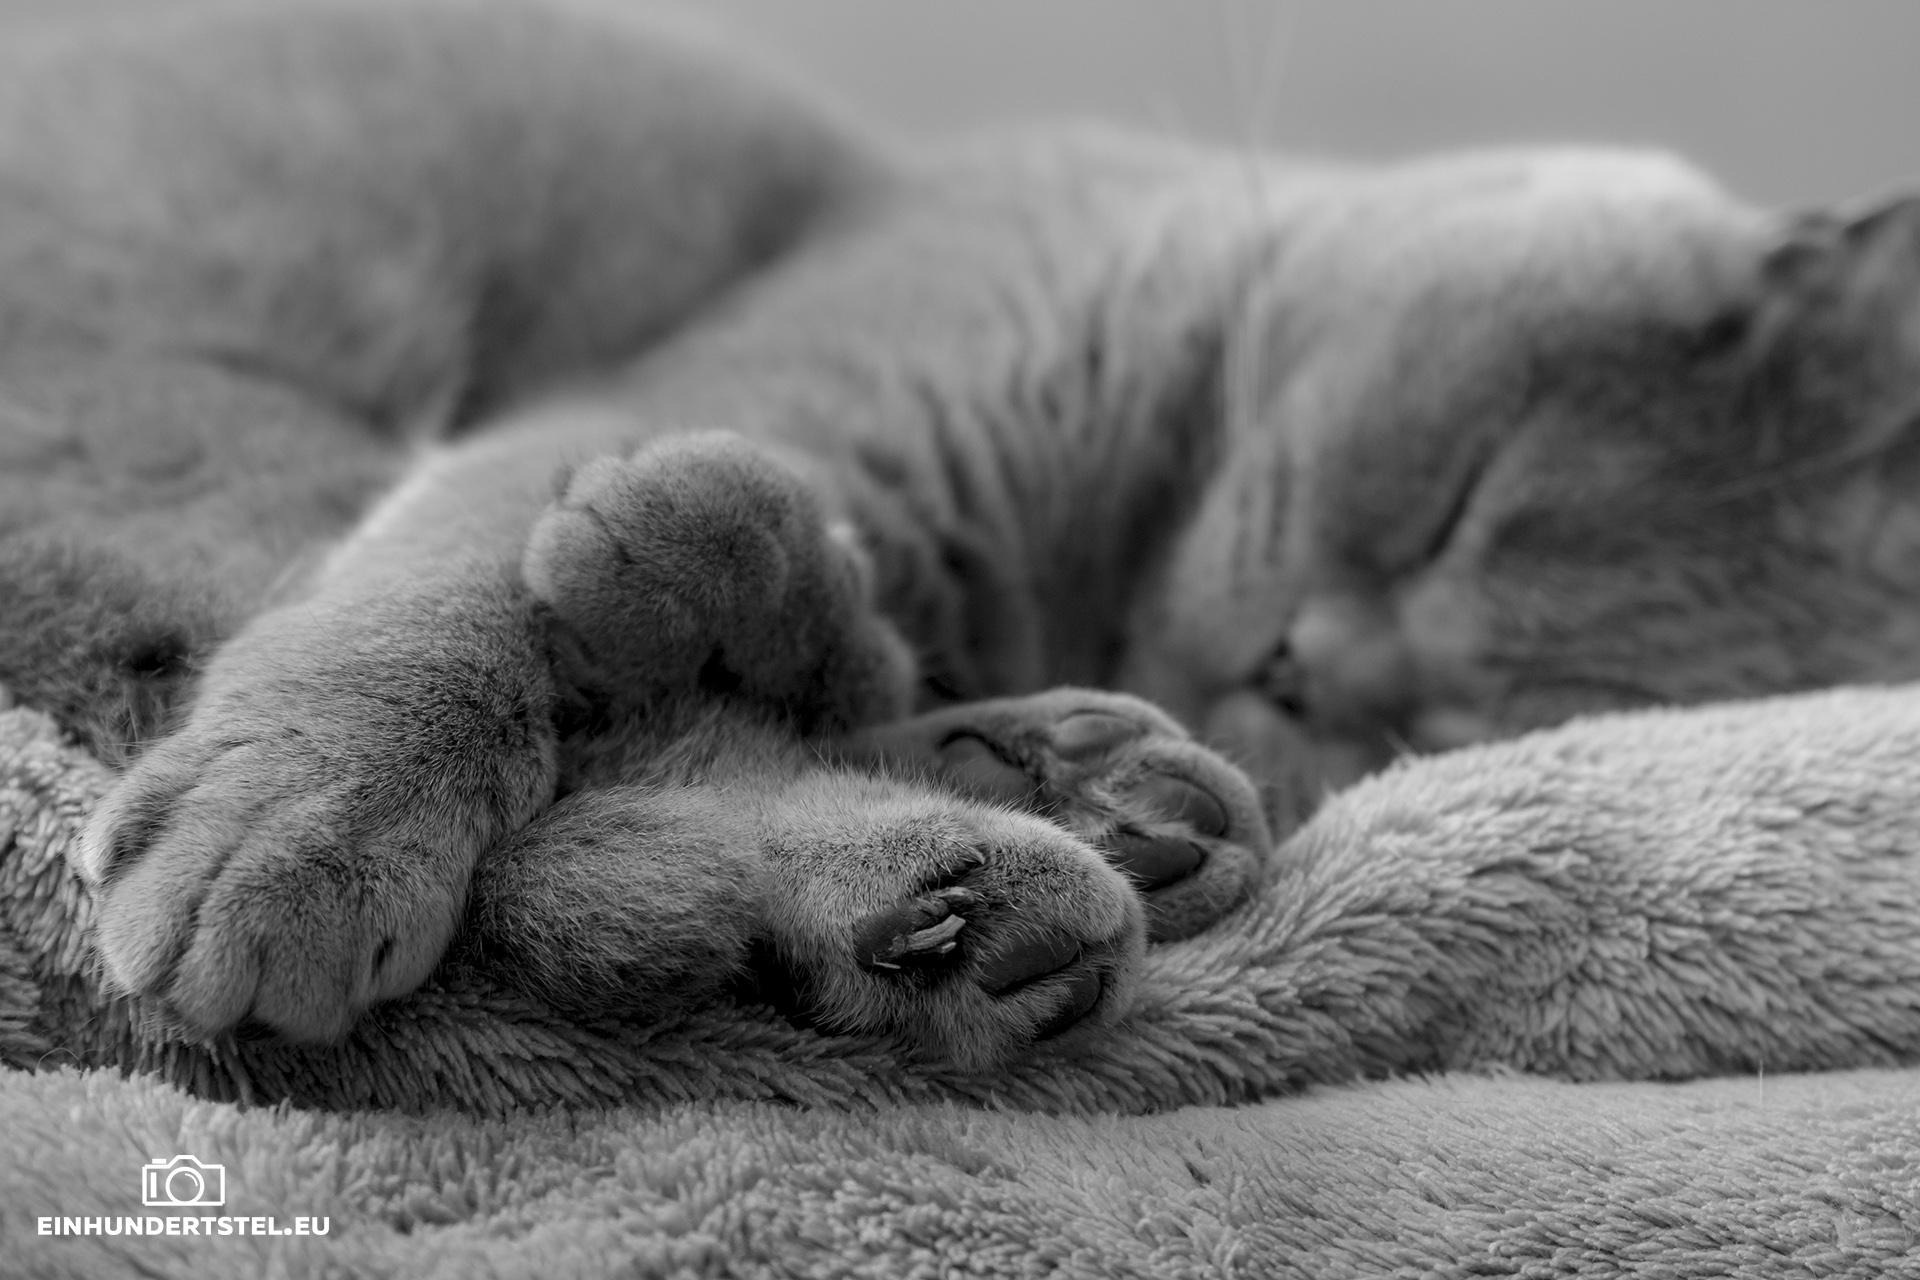 Britisch-Kurzhaar Katze Bella schlafen. Fokus auf den Pfoten. Schwarzweiß